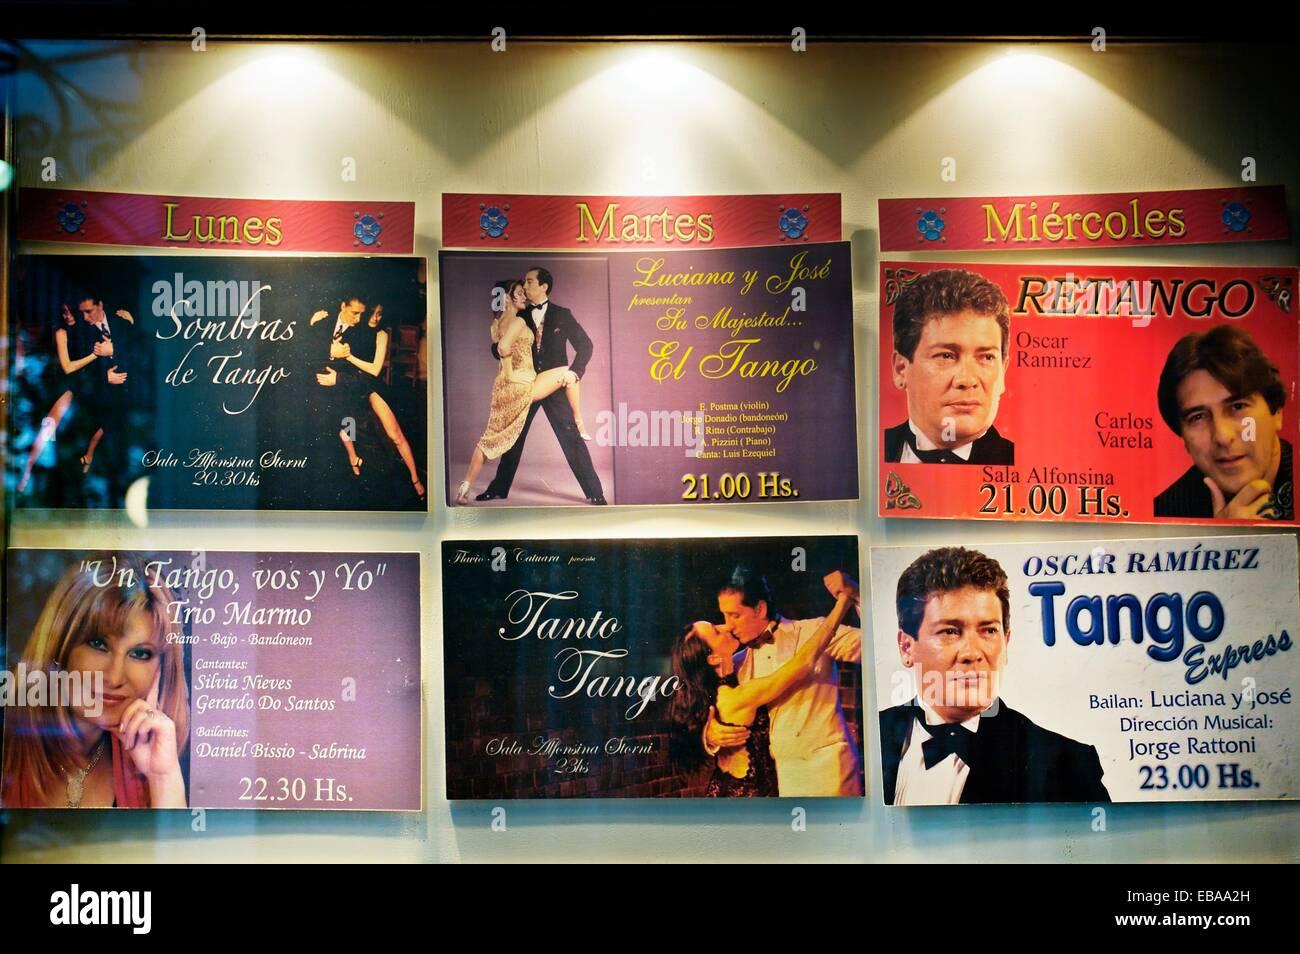 Tango Poster Stock Photos & Tango Poster Stock Images - Alamy